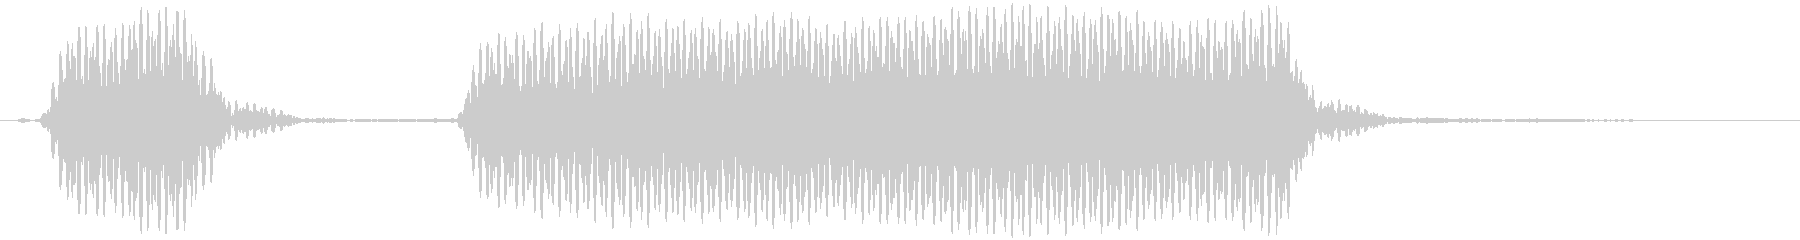 汽笛 ホッホーッの未再生の波形